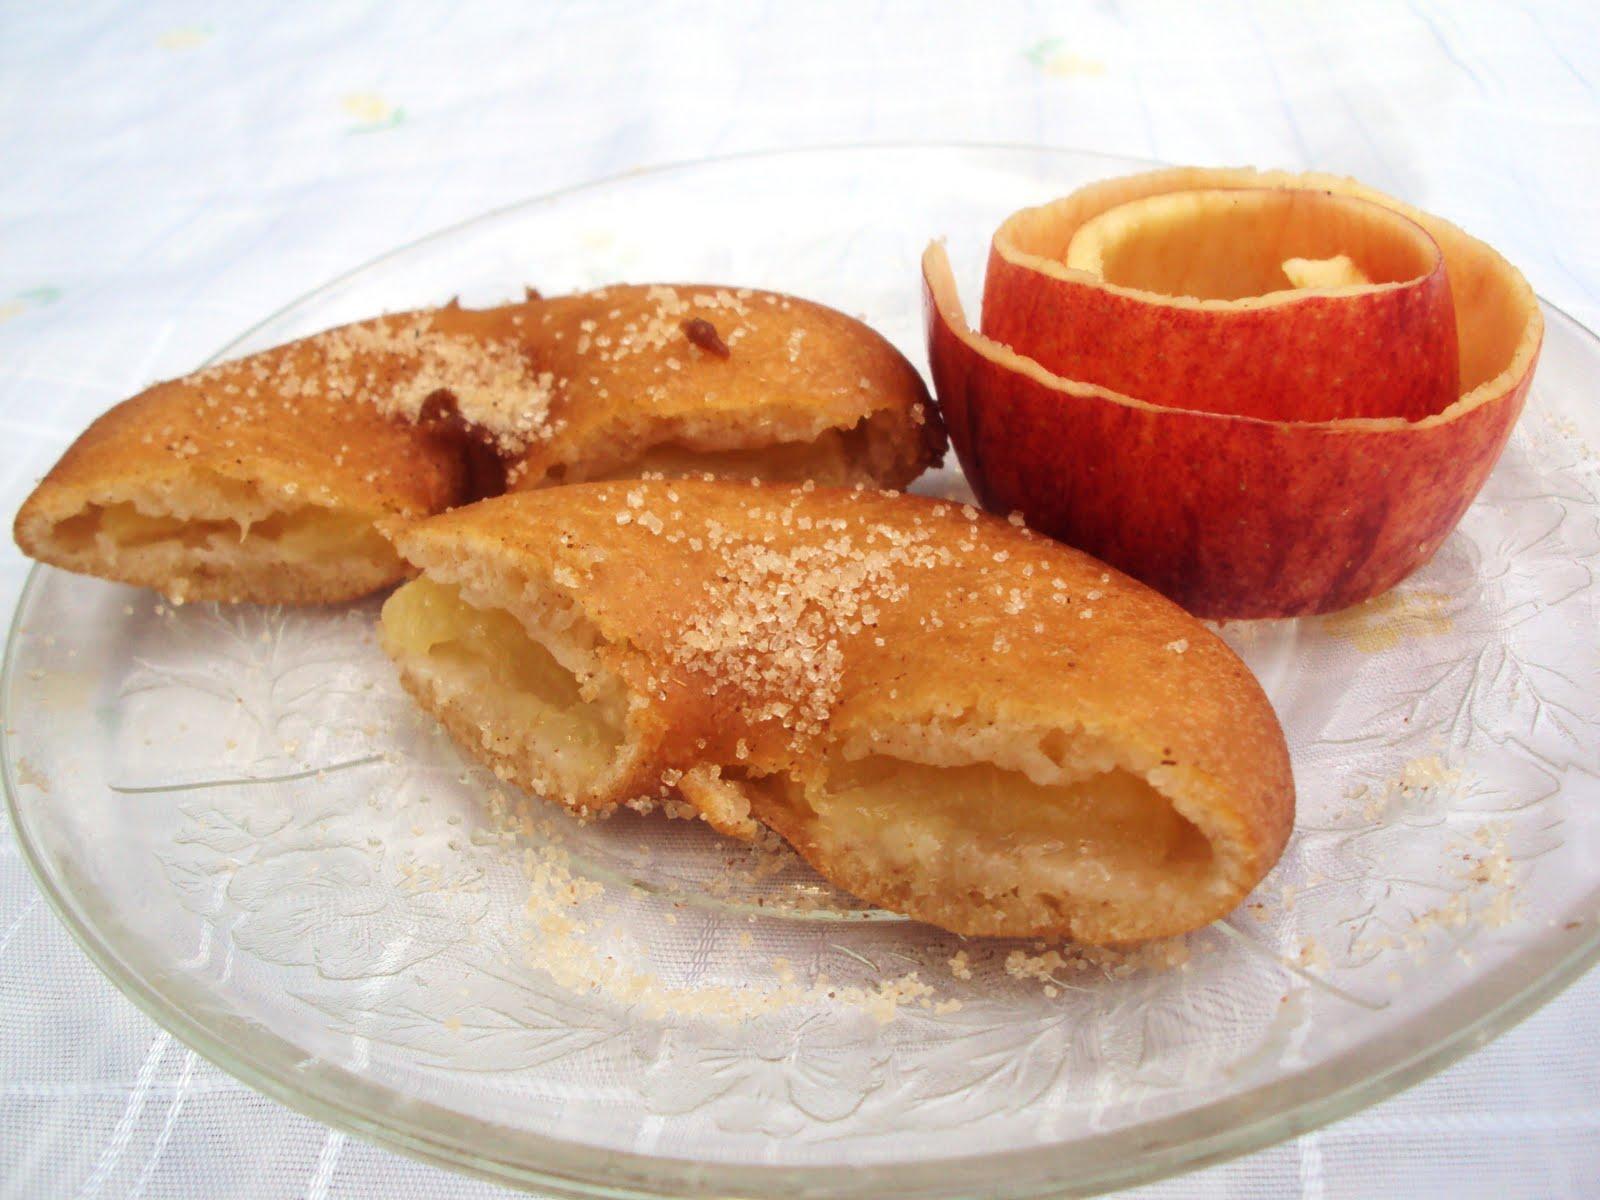 Anéis Dourados de Maçã (Apple Fritter Rings) | Nárwen's Cuisine